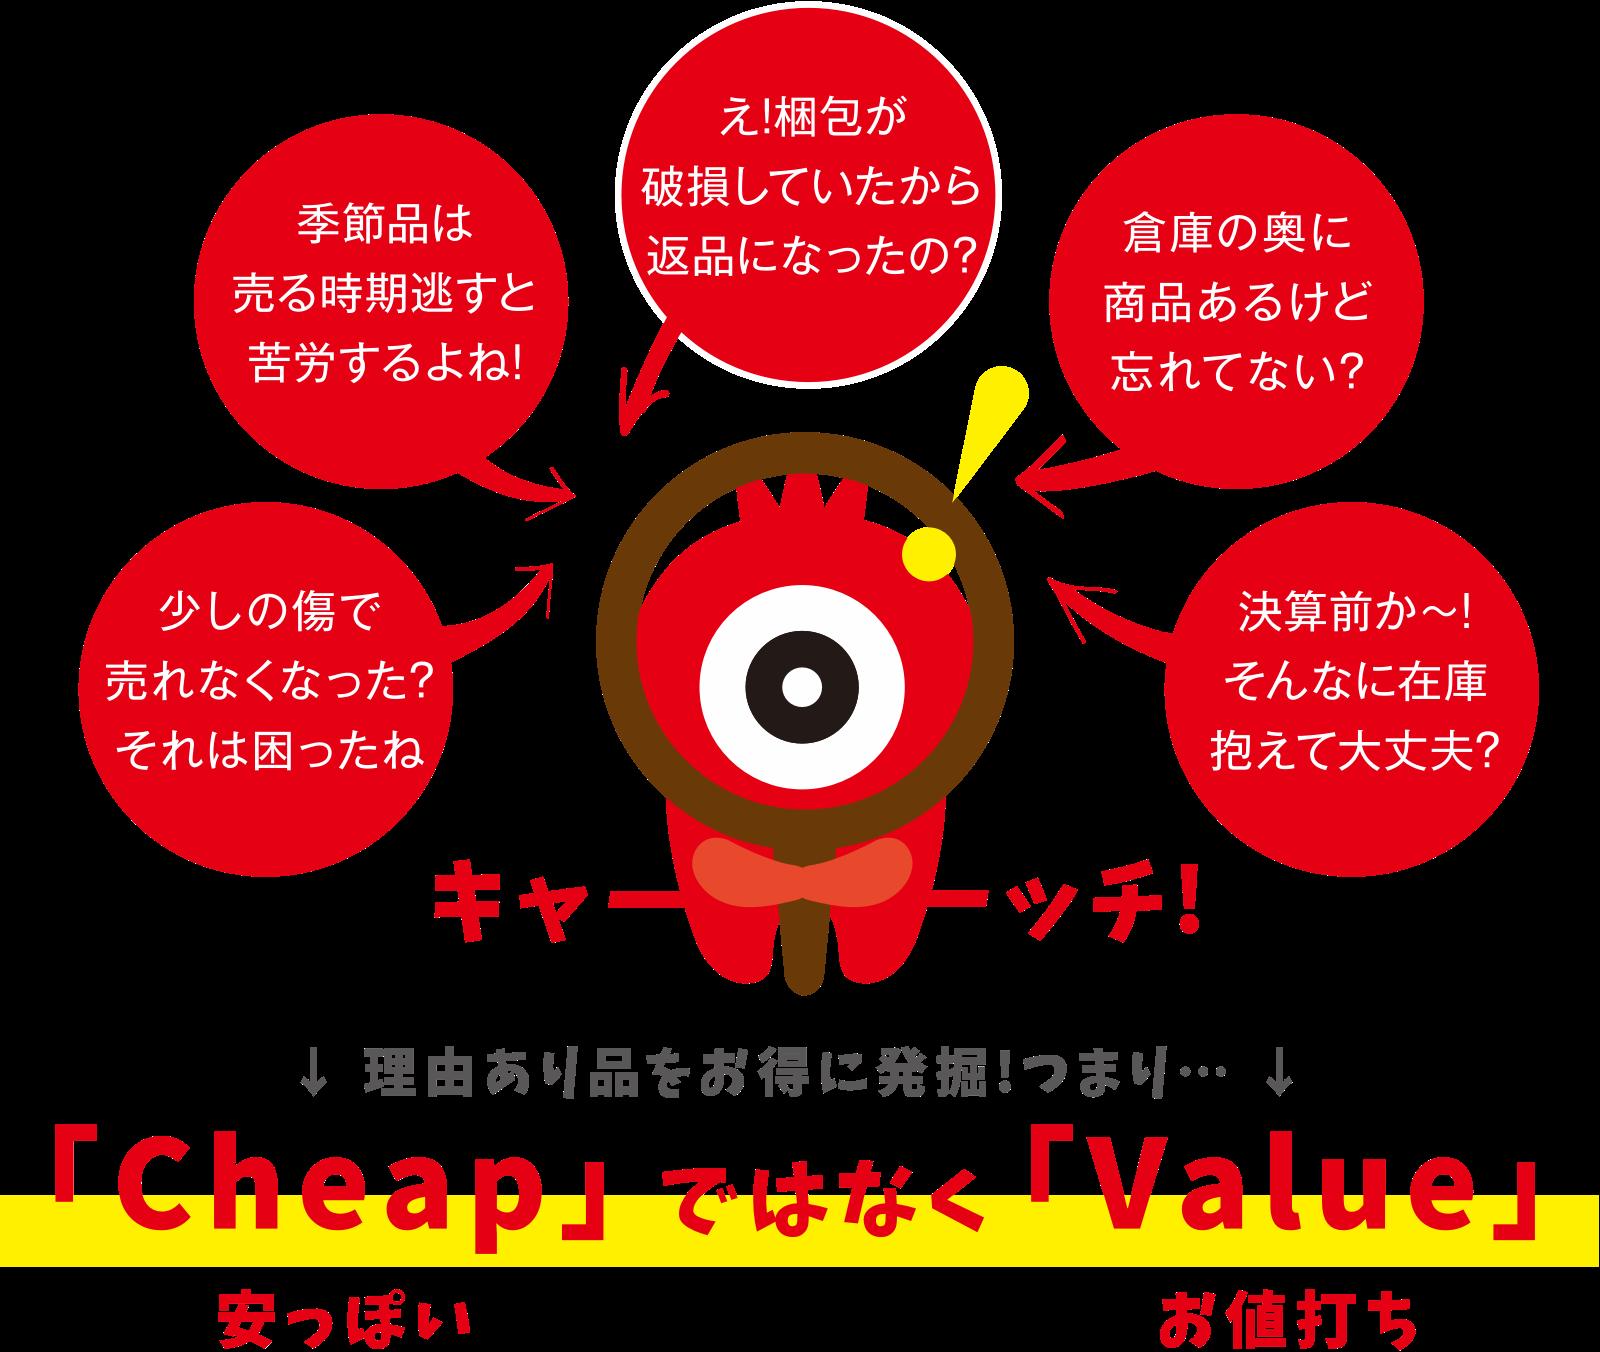 「Cheap」(安っぽい)ではなく「Value」(お値打ち)